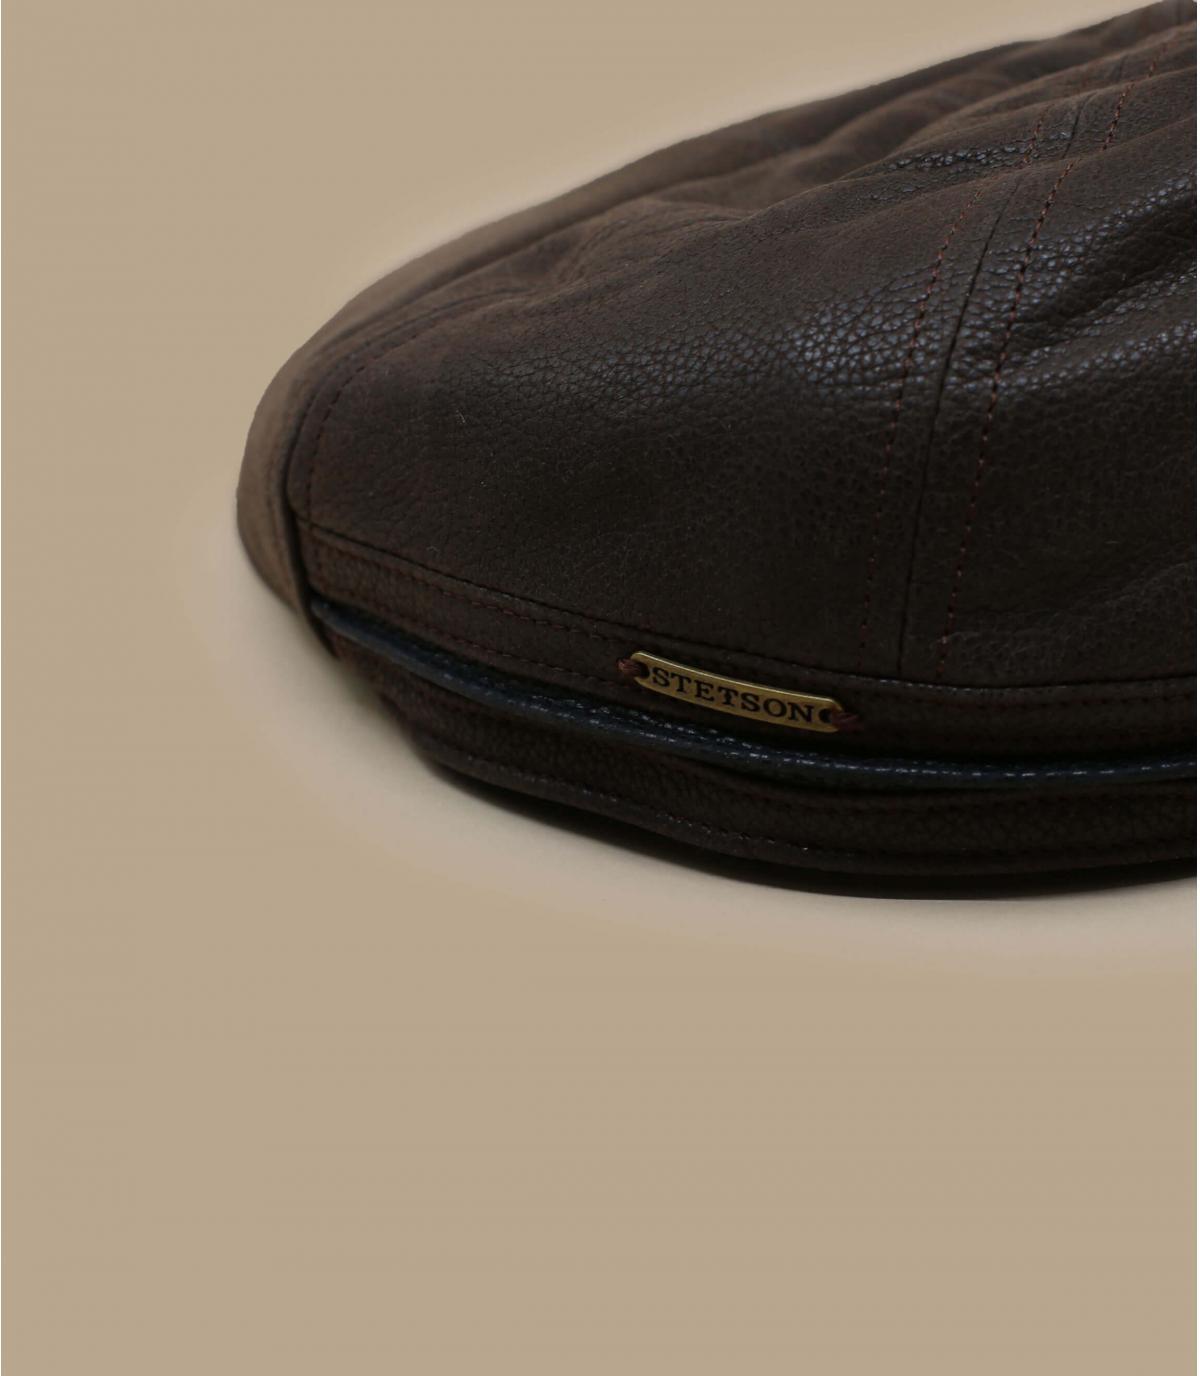 Casquette plate Stetson marron